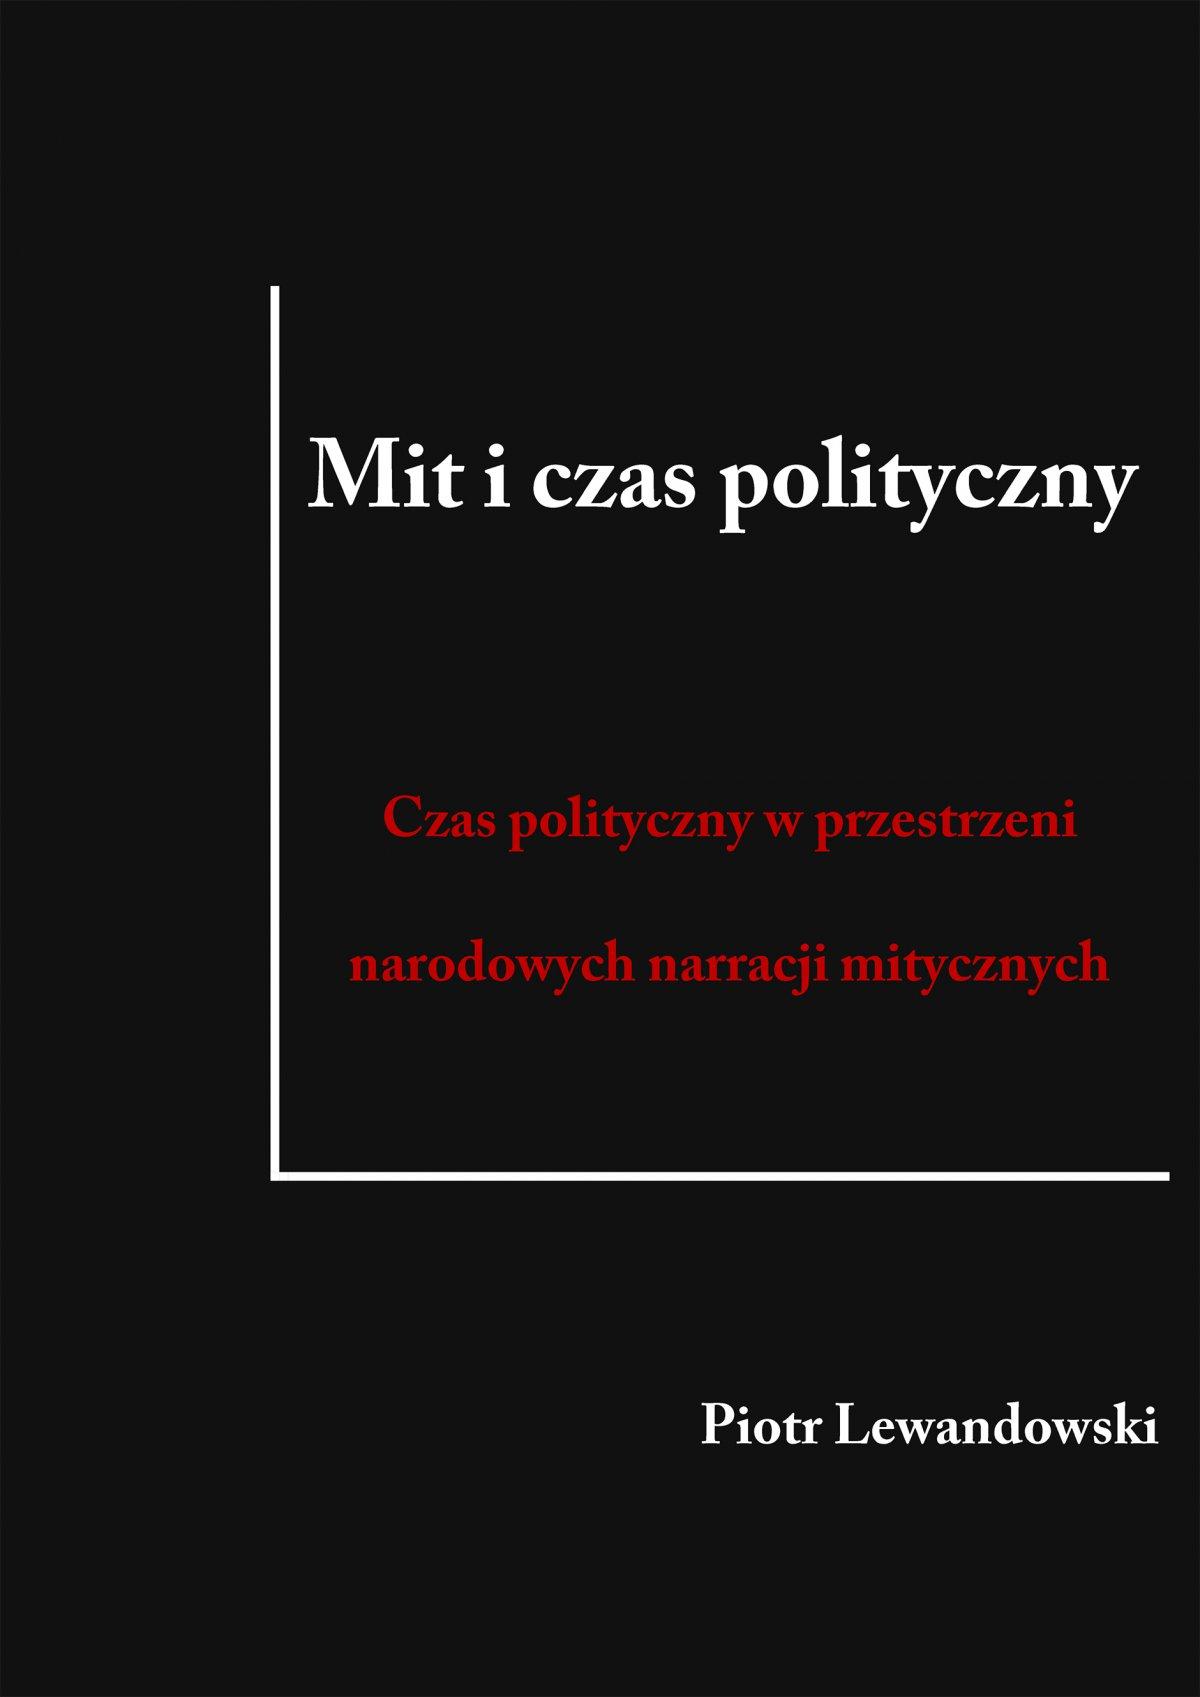 Mit i czas polityczny. Czas polityczny w przestrzeni narodowych narracji mitycznych - Ebook (Książka PDF) do pobrania w formacie PDF